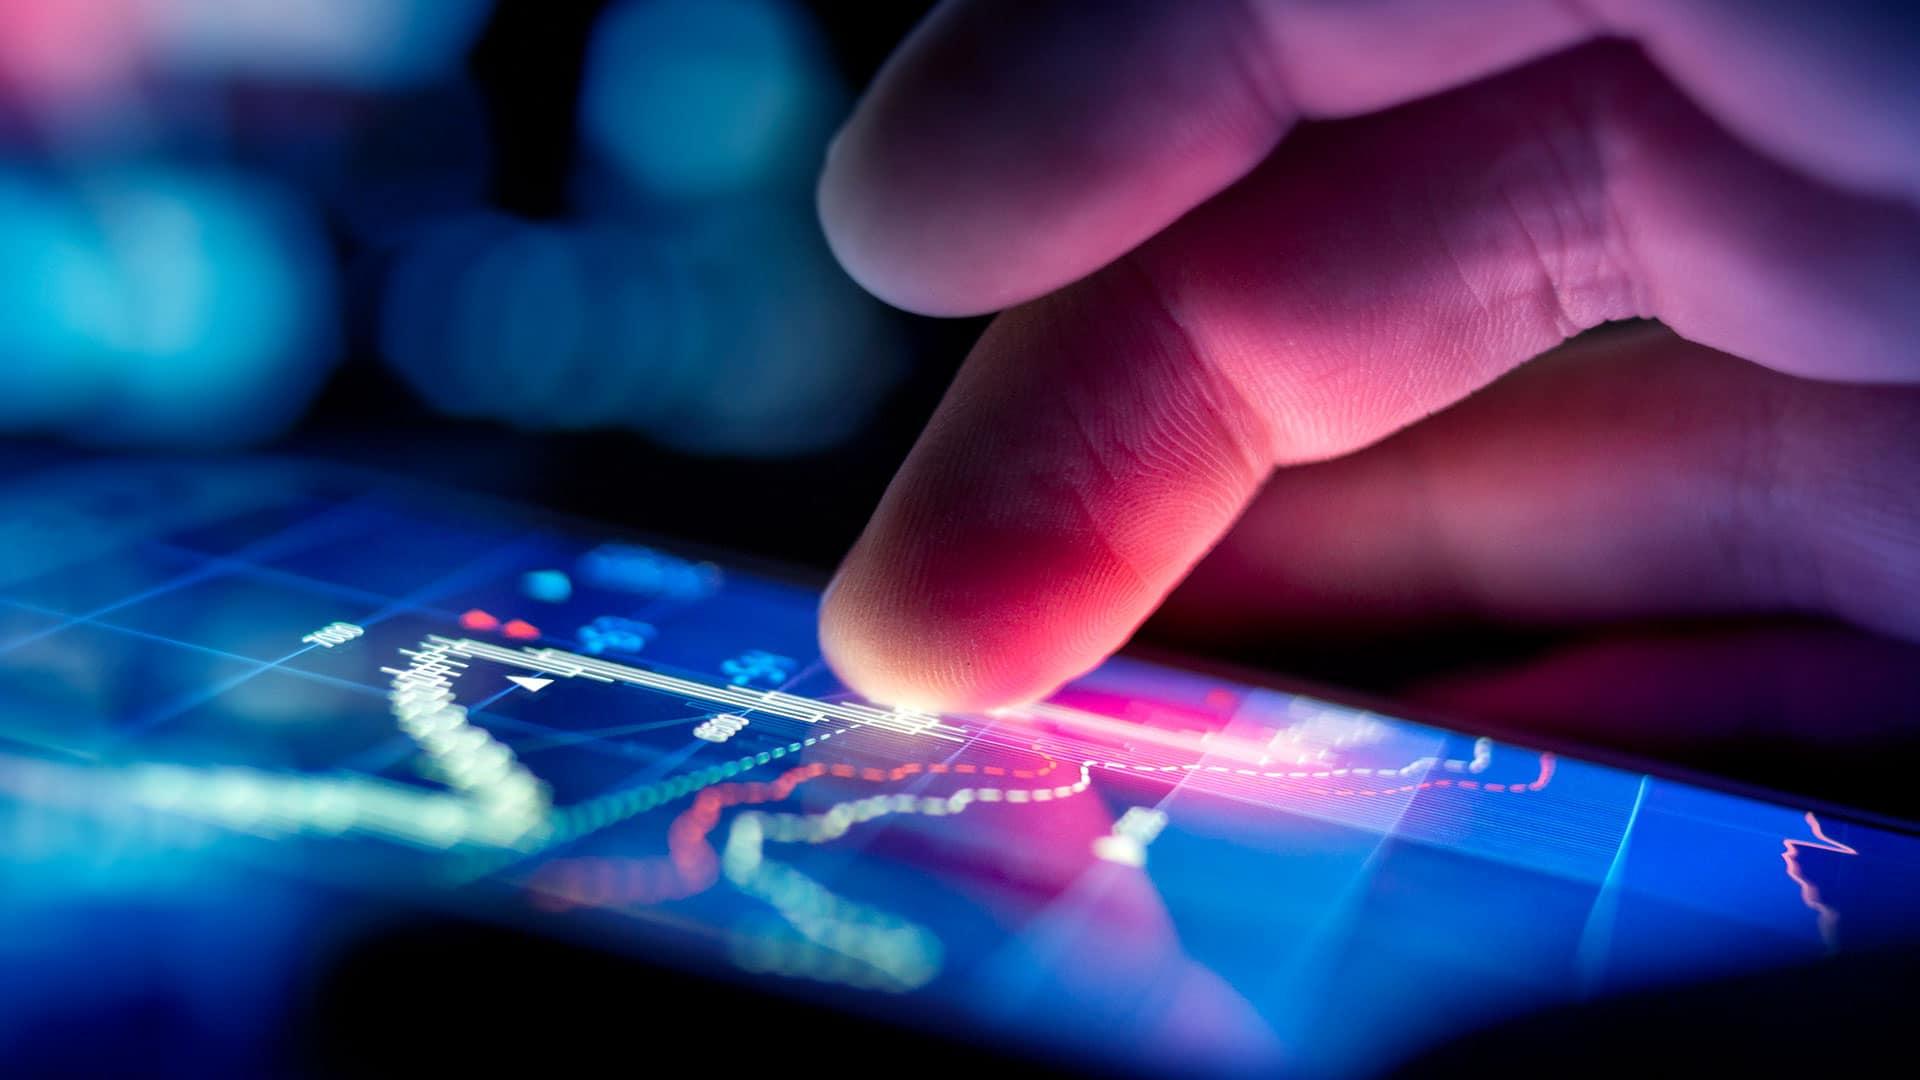 שמונה נקודות שחייבות להופיע בכל תוכנית עסקית לאפליקציה